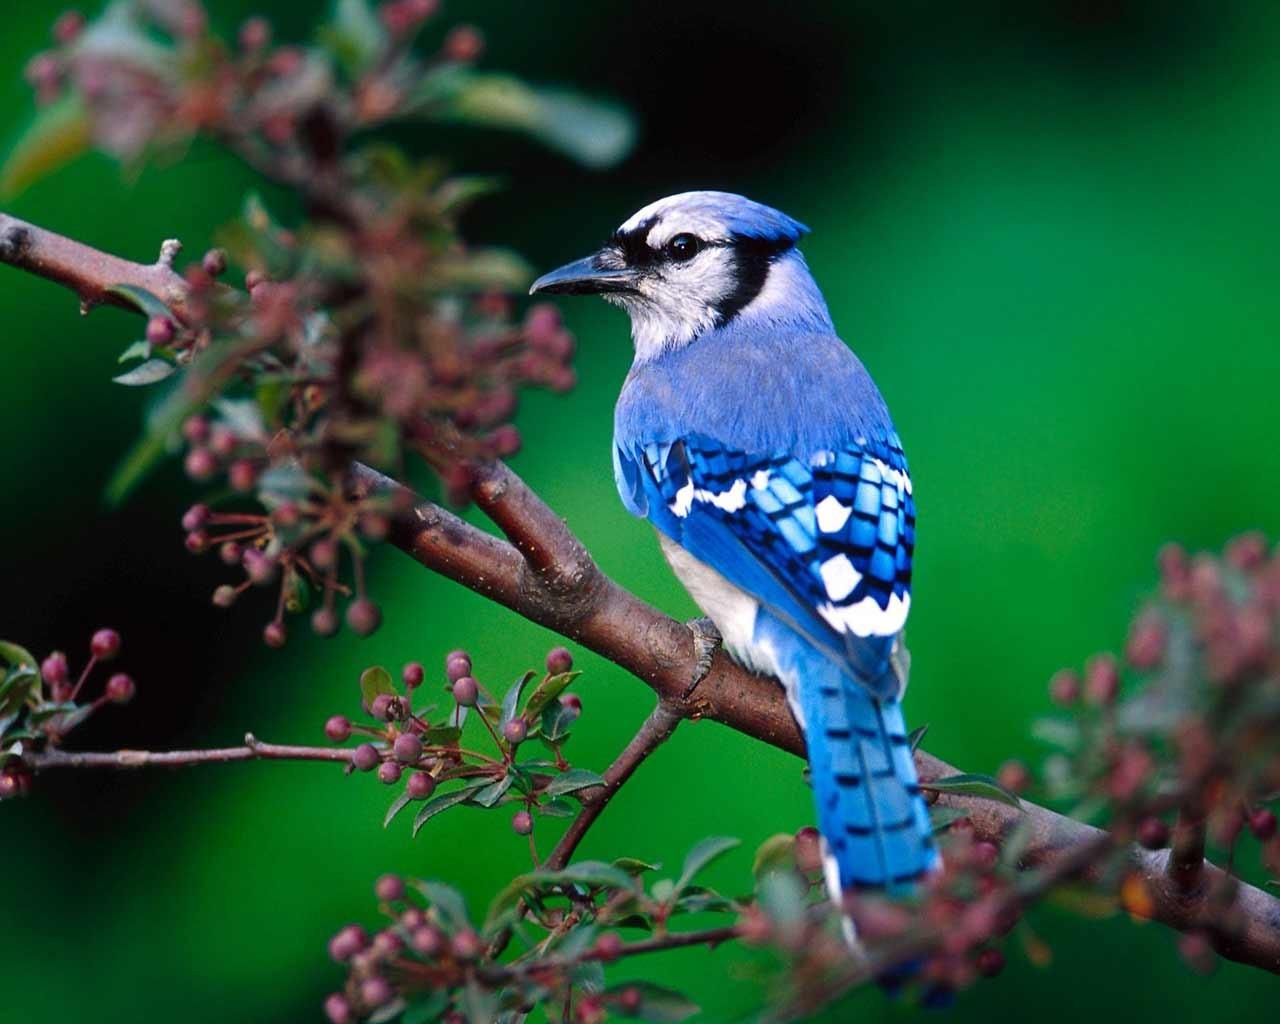 http://3.bp.blogspot.com/-rICSGRHUYyQ/UFniGK66c9I/AAAAAAAAACQ/gd55CD8XmbY/s1600/2011-beautiful-green-nature-with-birds-wallpaper.jpg